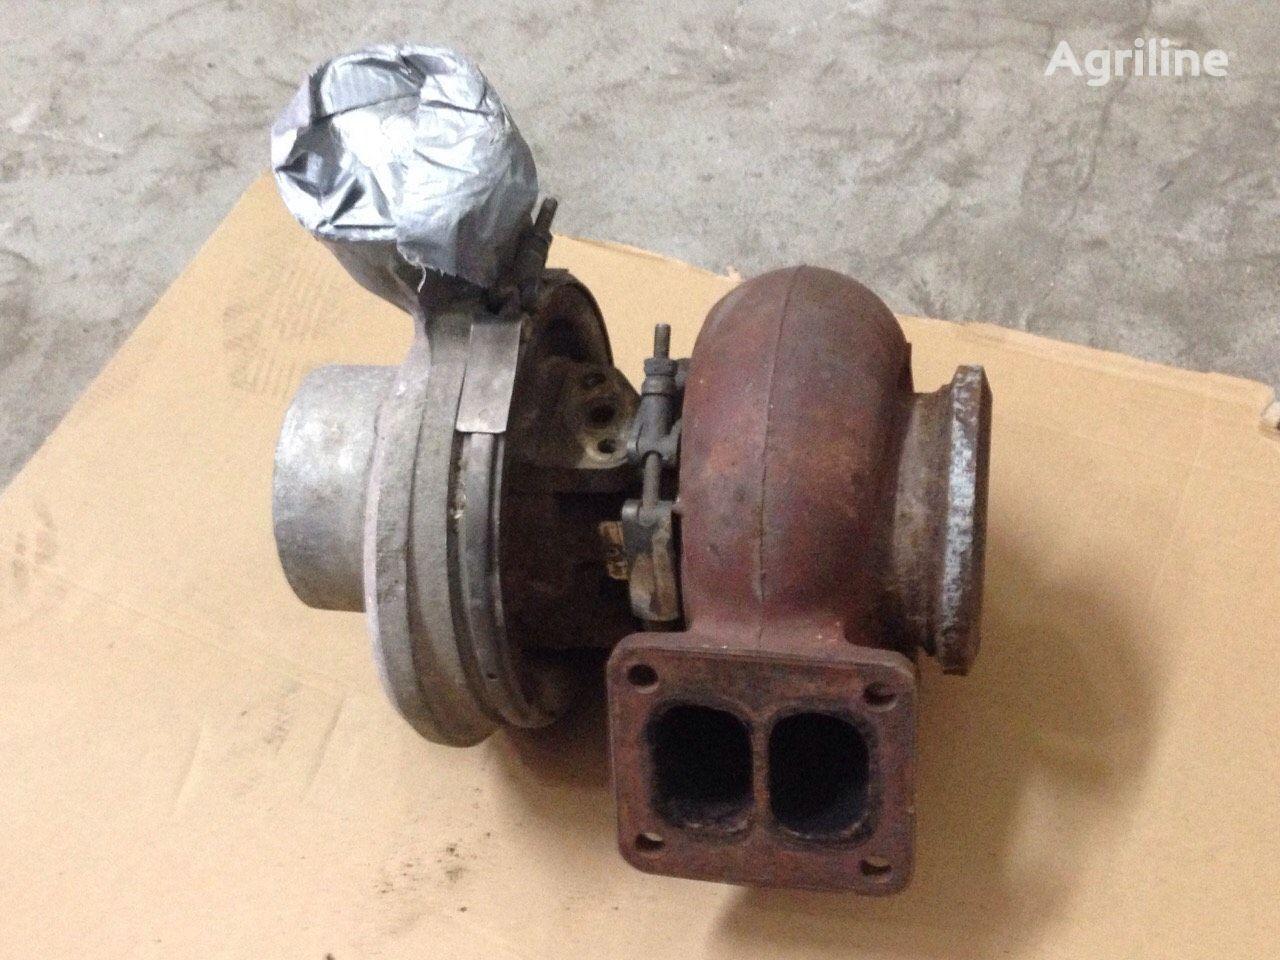 турбокомпресор CLAAS САТ С13, OR - 6760 за комбайн CLAAS